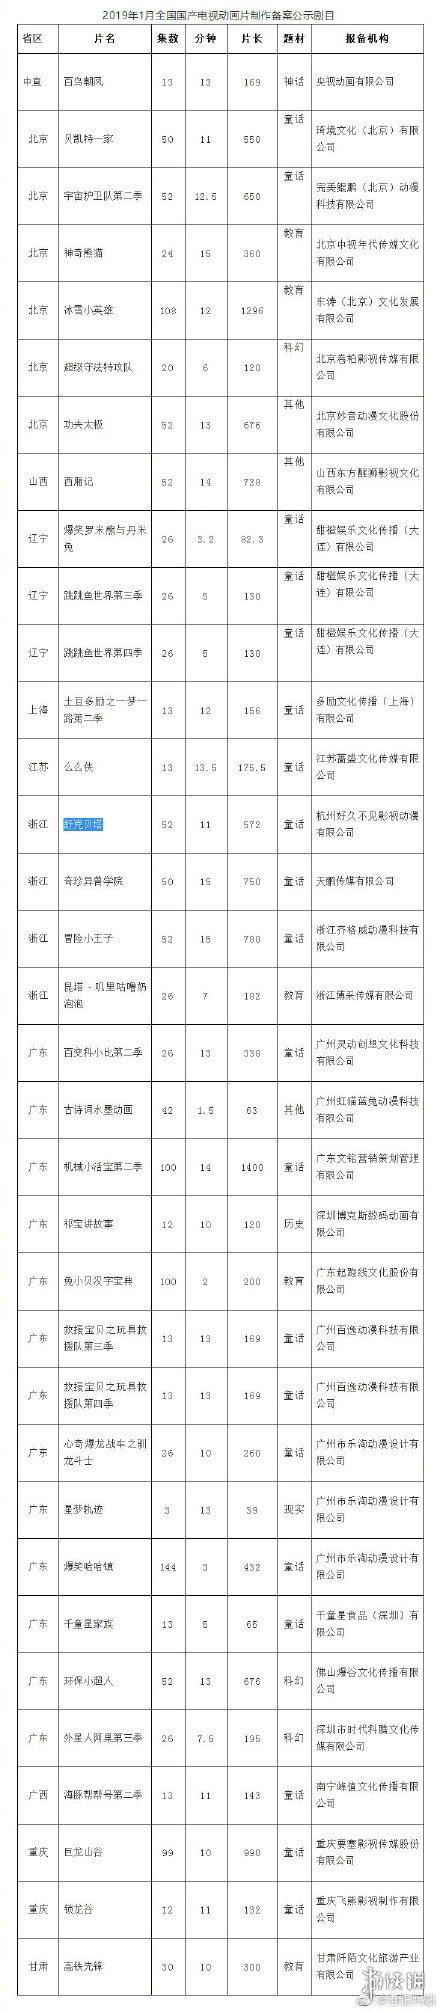 《舒克贝塔》重拍!广电1月国产动画片备案名单公布 喜忧参半